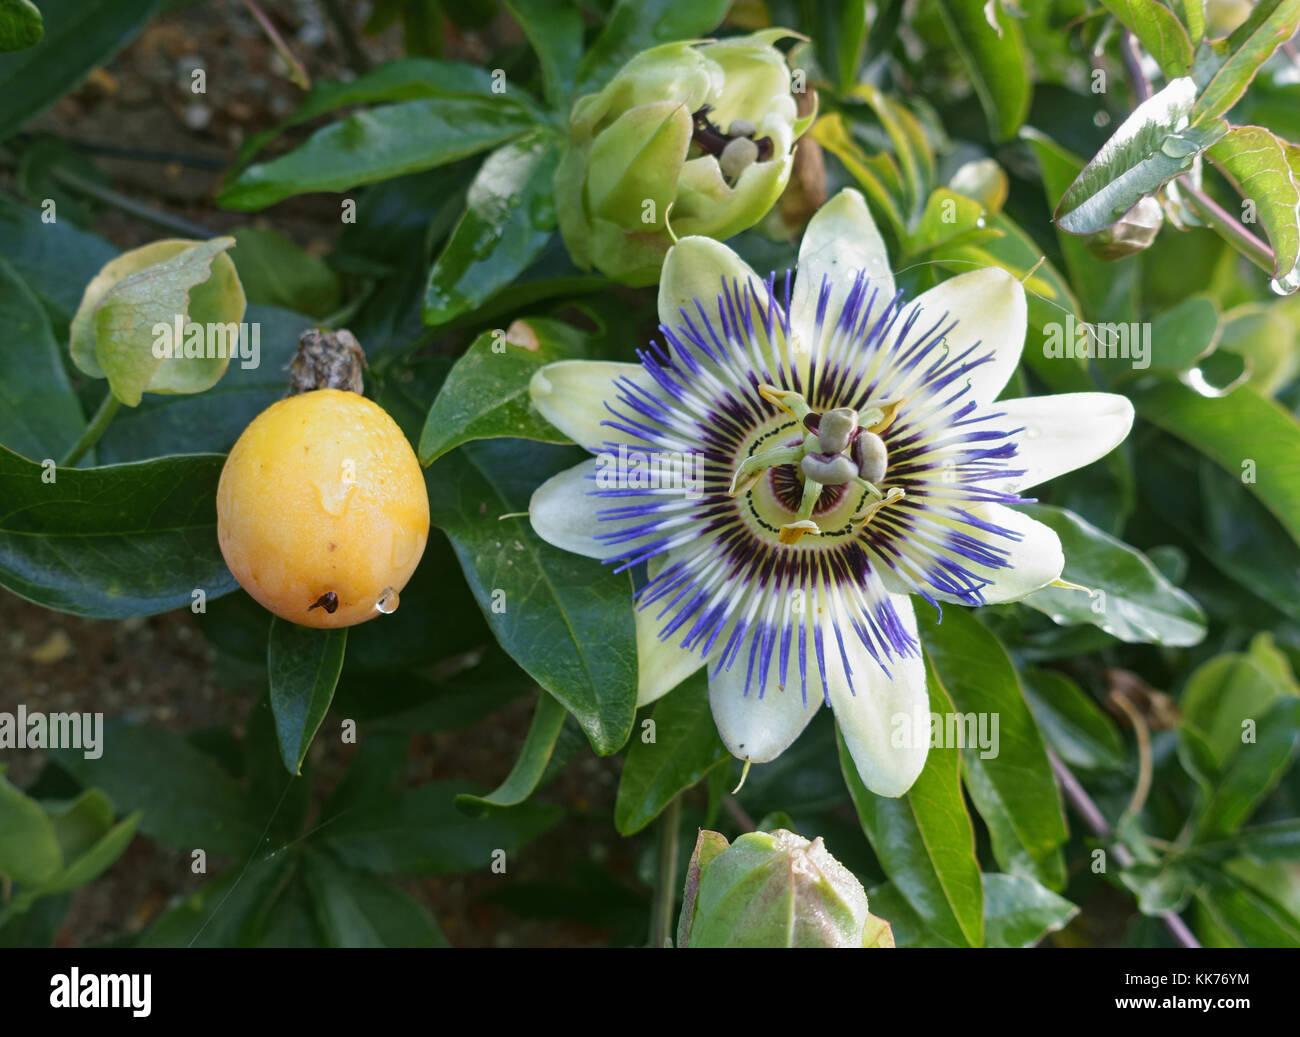 Frutta e fiori di un blu ornamentali fiore della passione for Fiori ornamentali